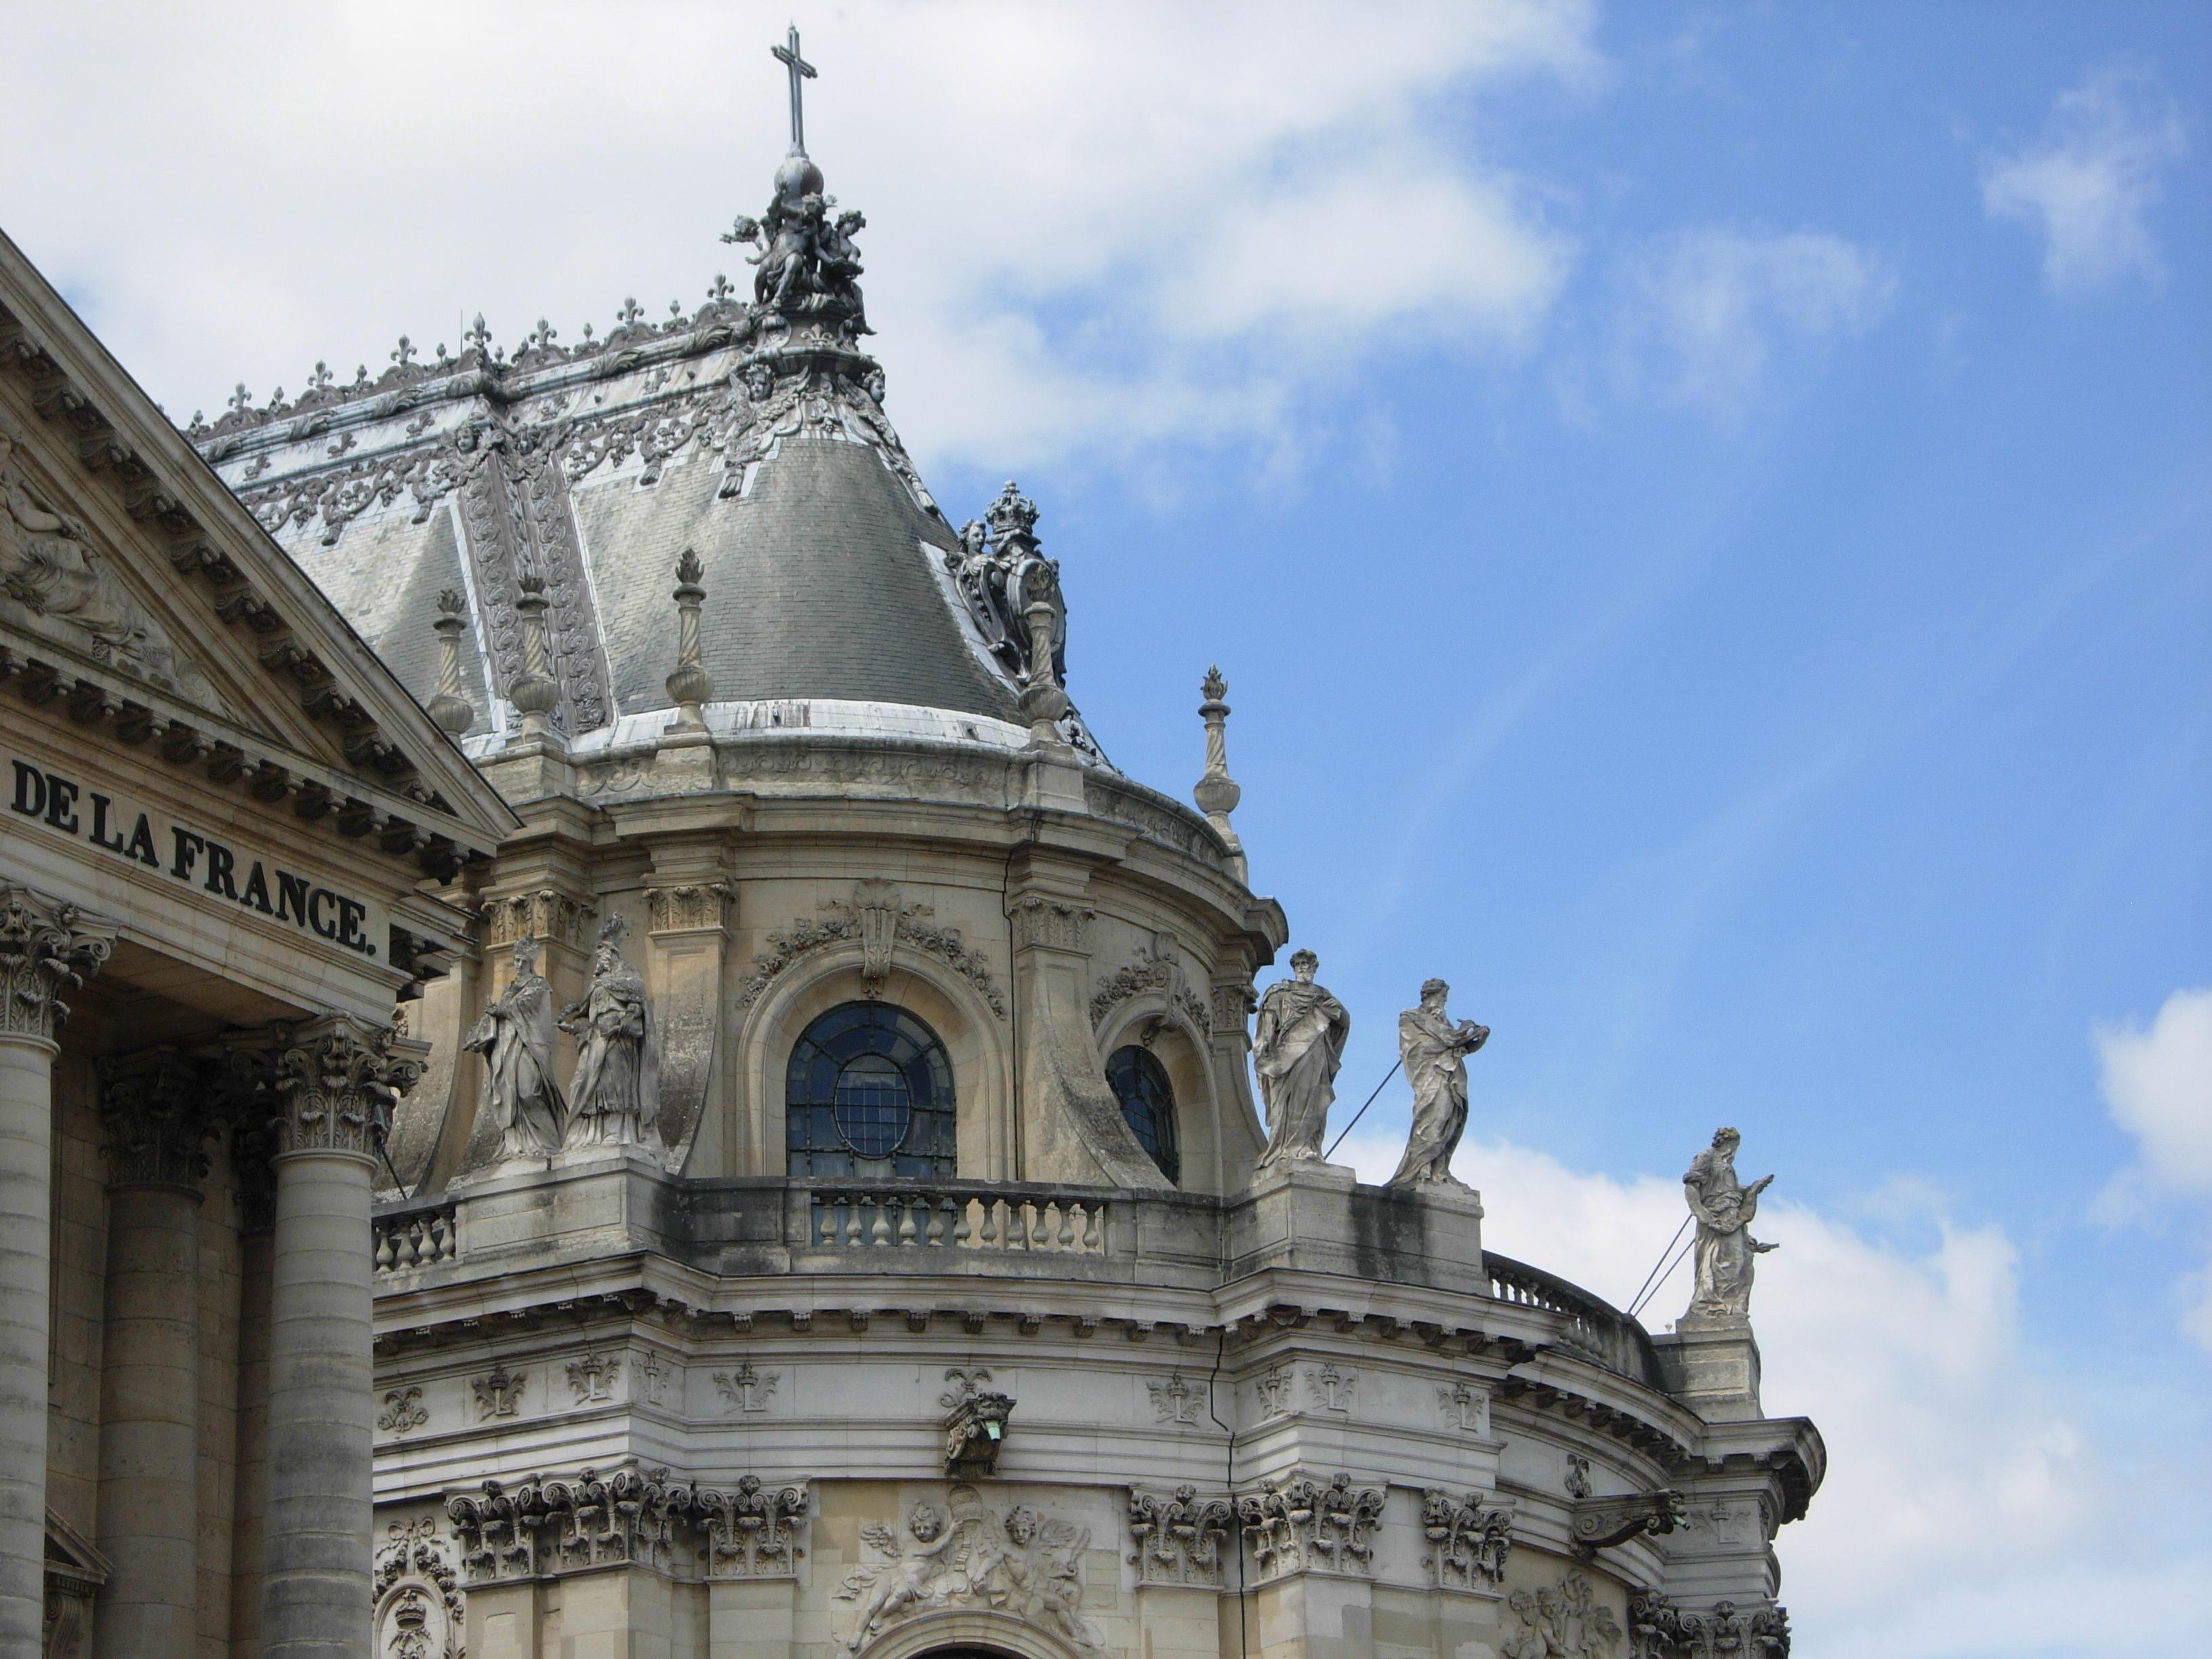 文化巴黎的魅力——凡尔赛宫_图1-7